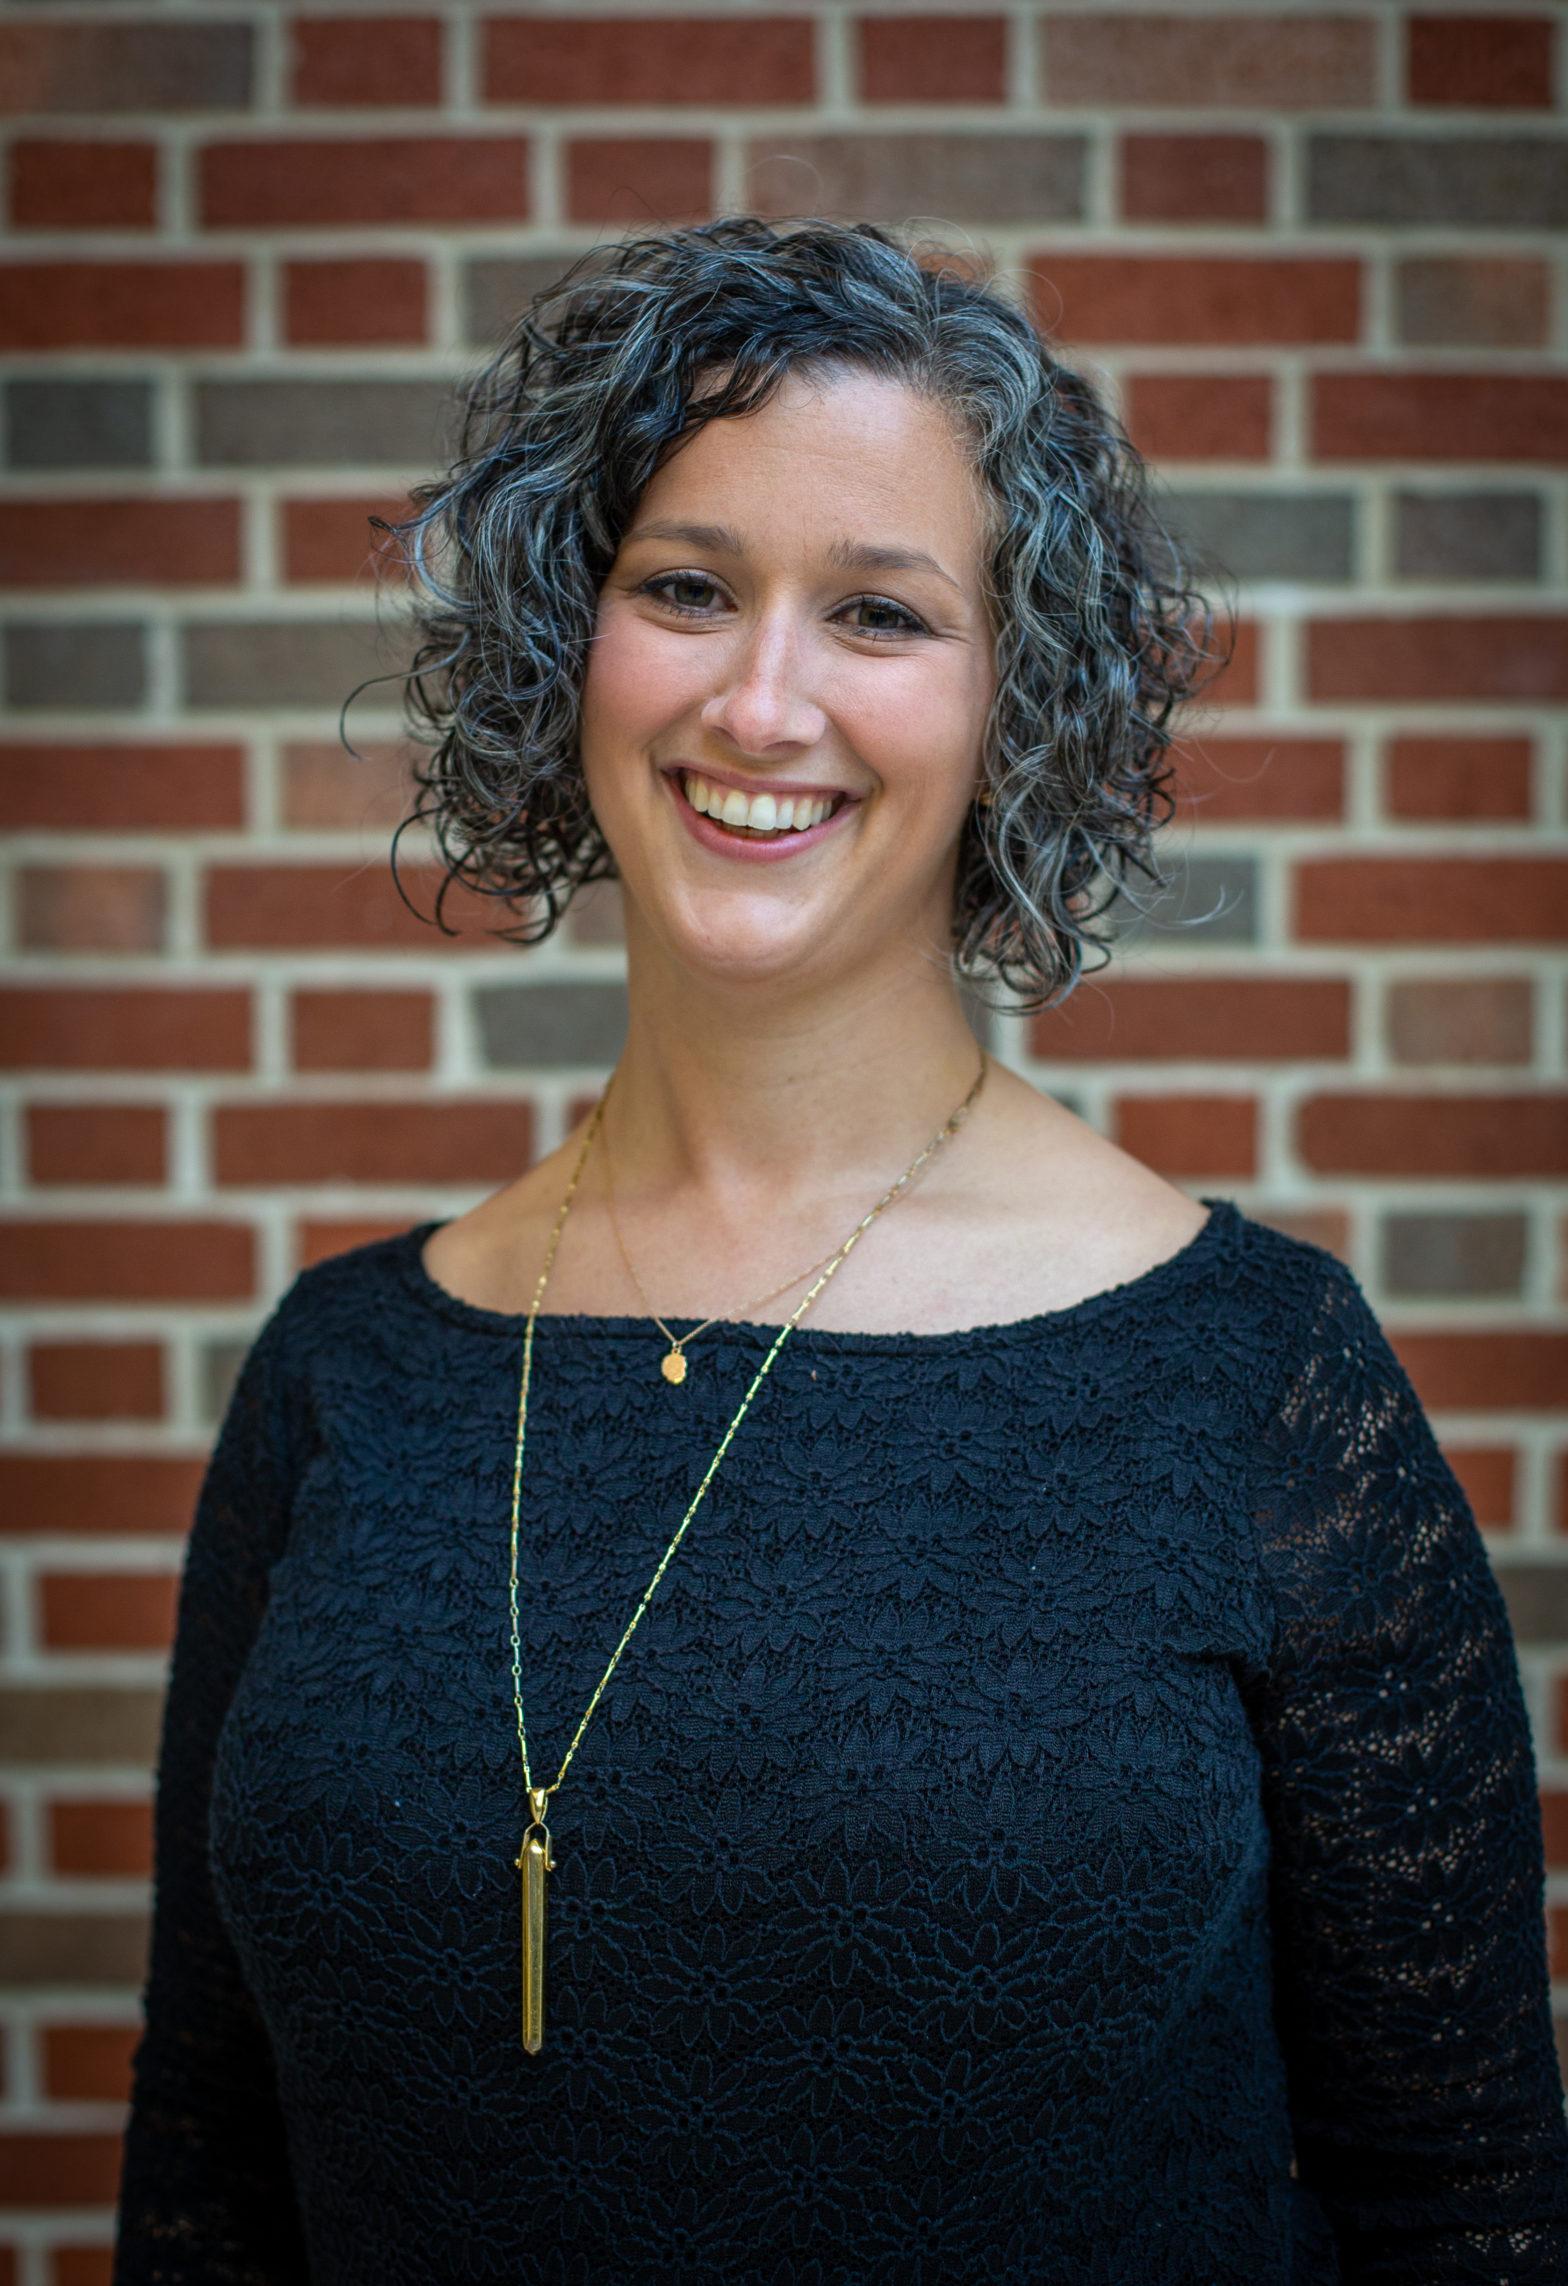 Sarah Gambo